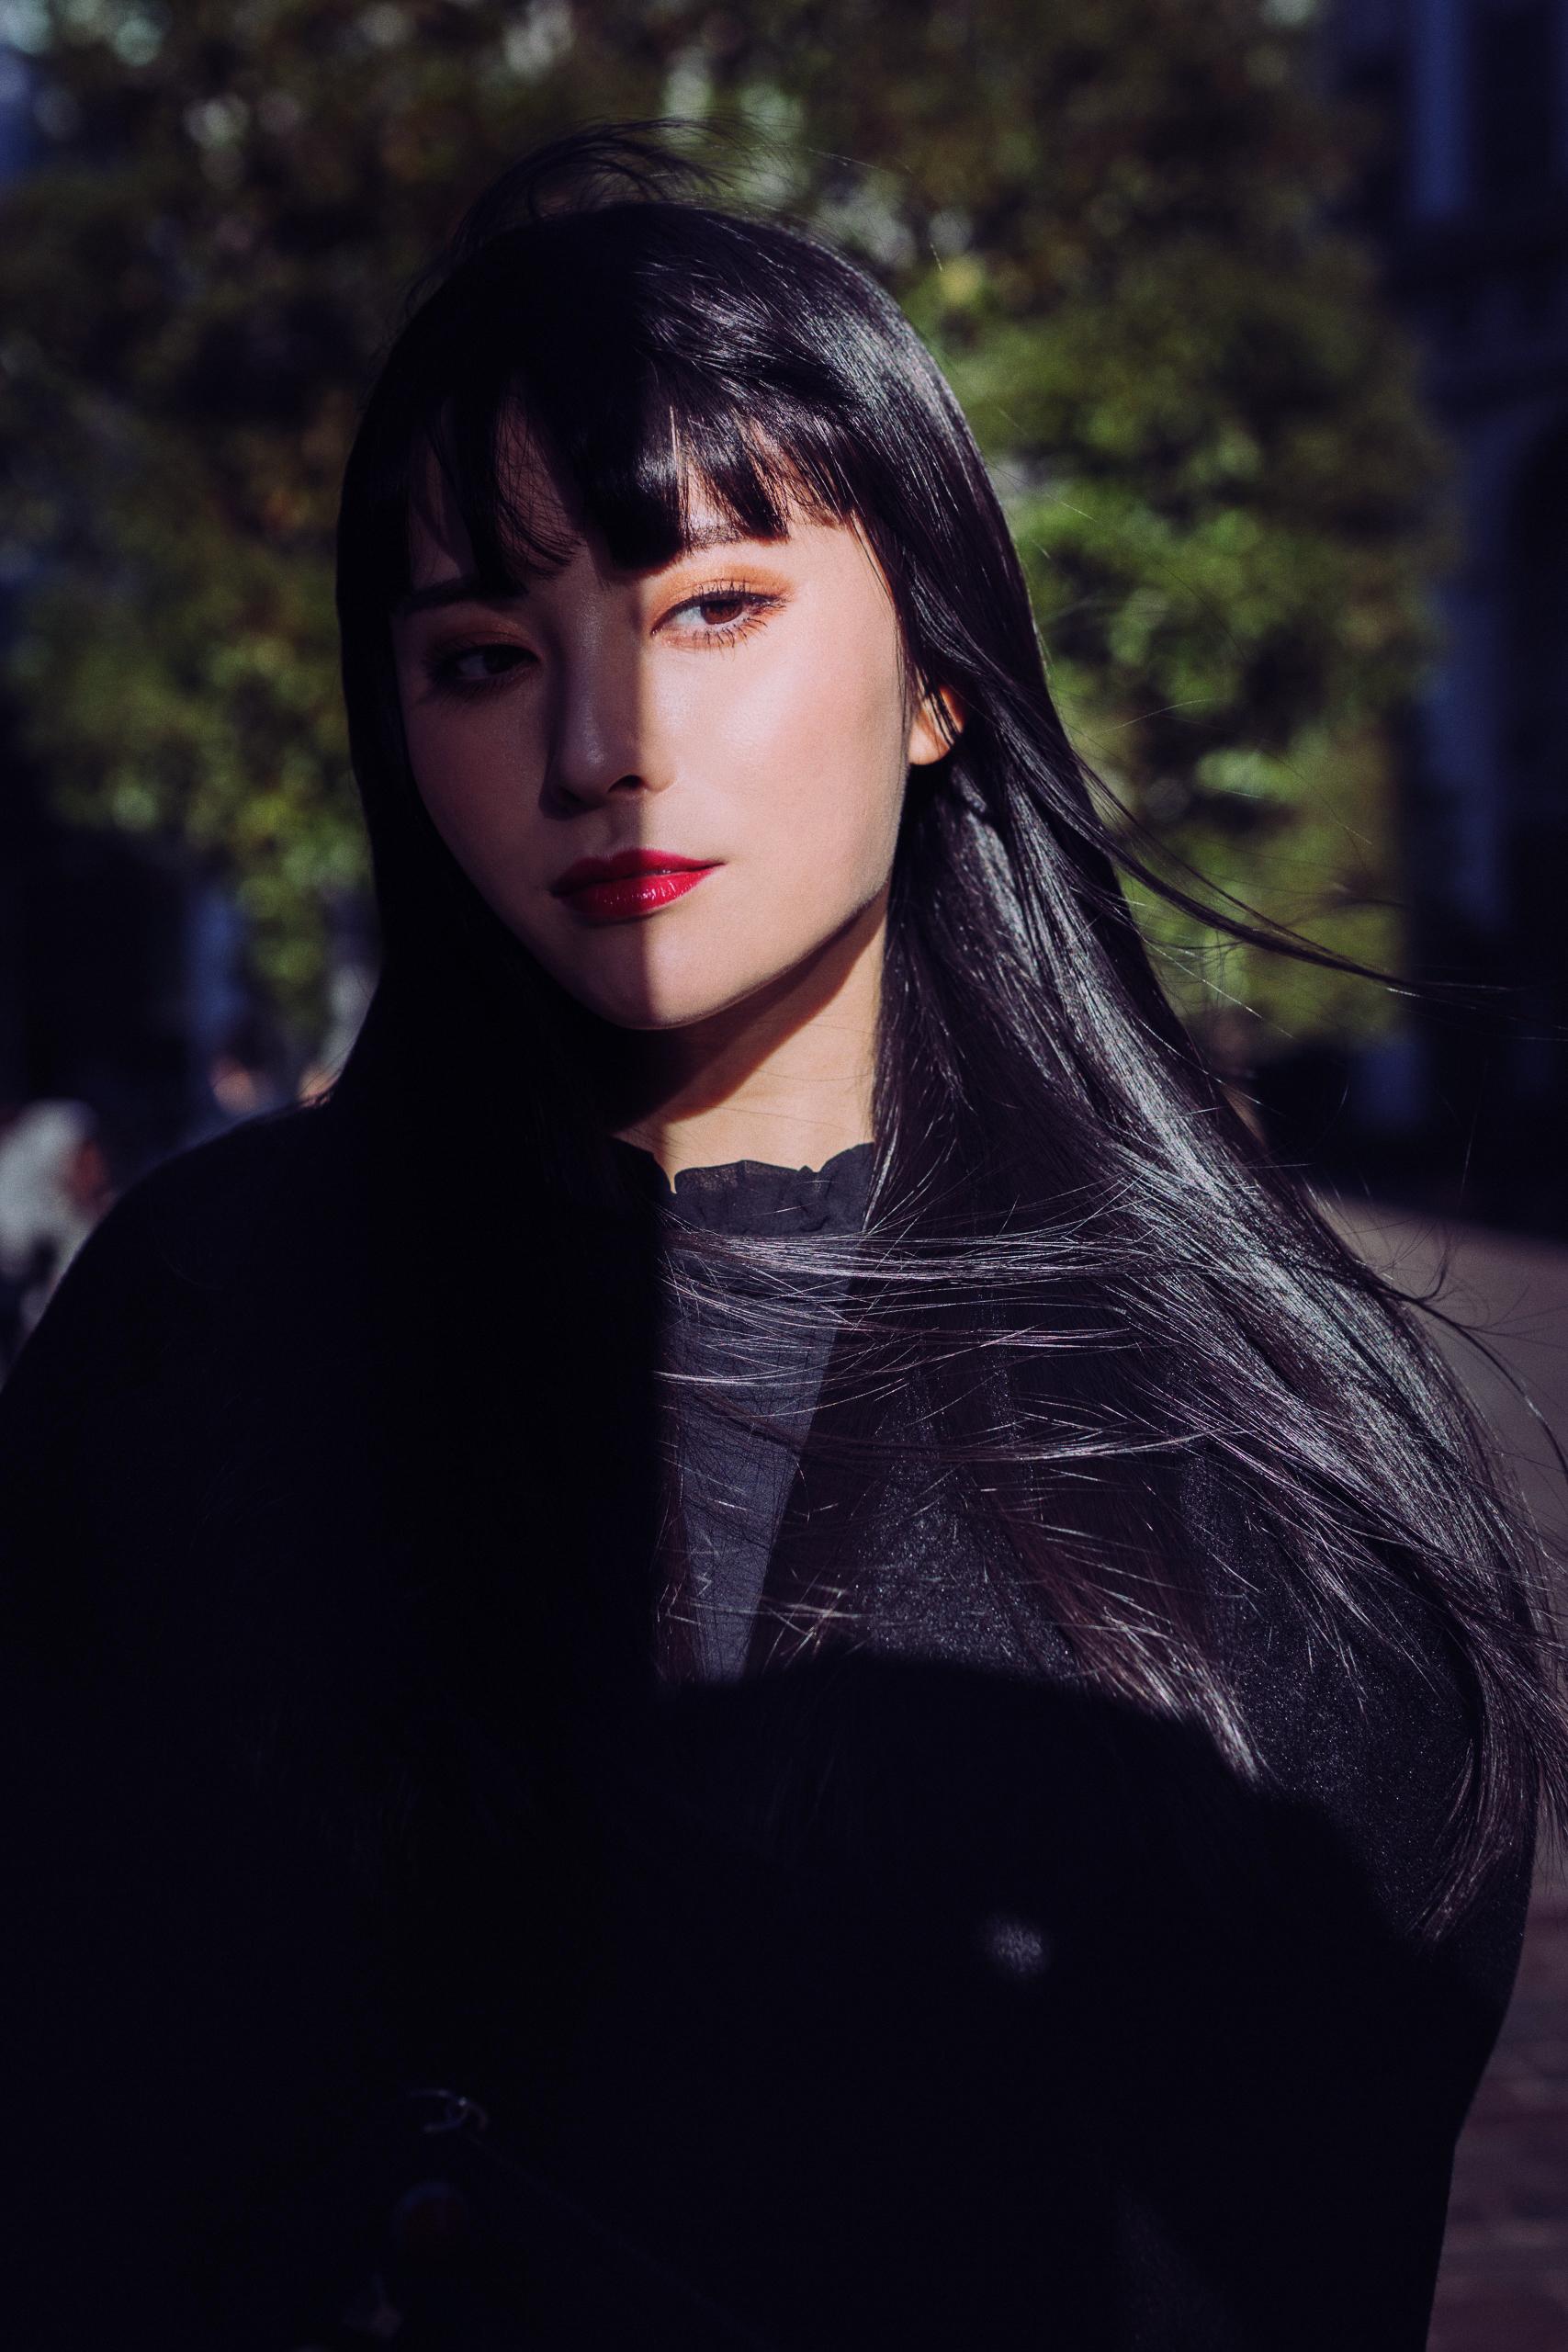 ブルべ冬強い女ポトレ写真黒髪ロングストレート赤リップ黒コーデ